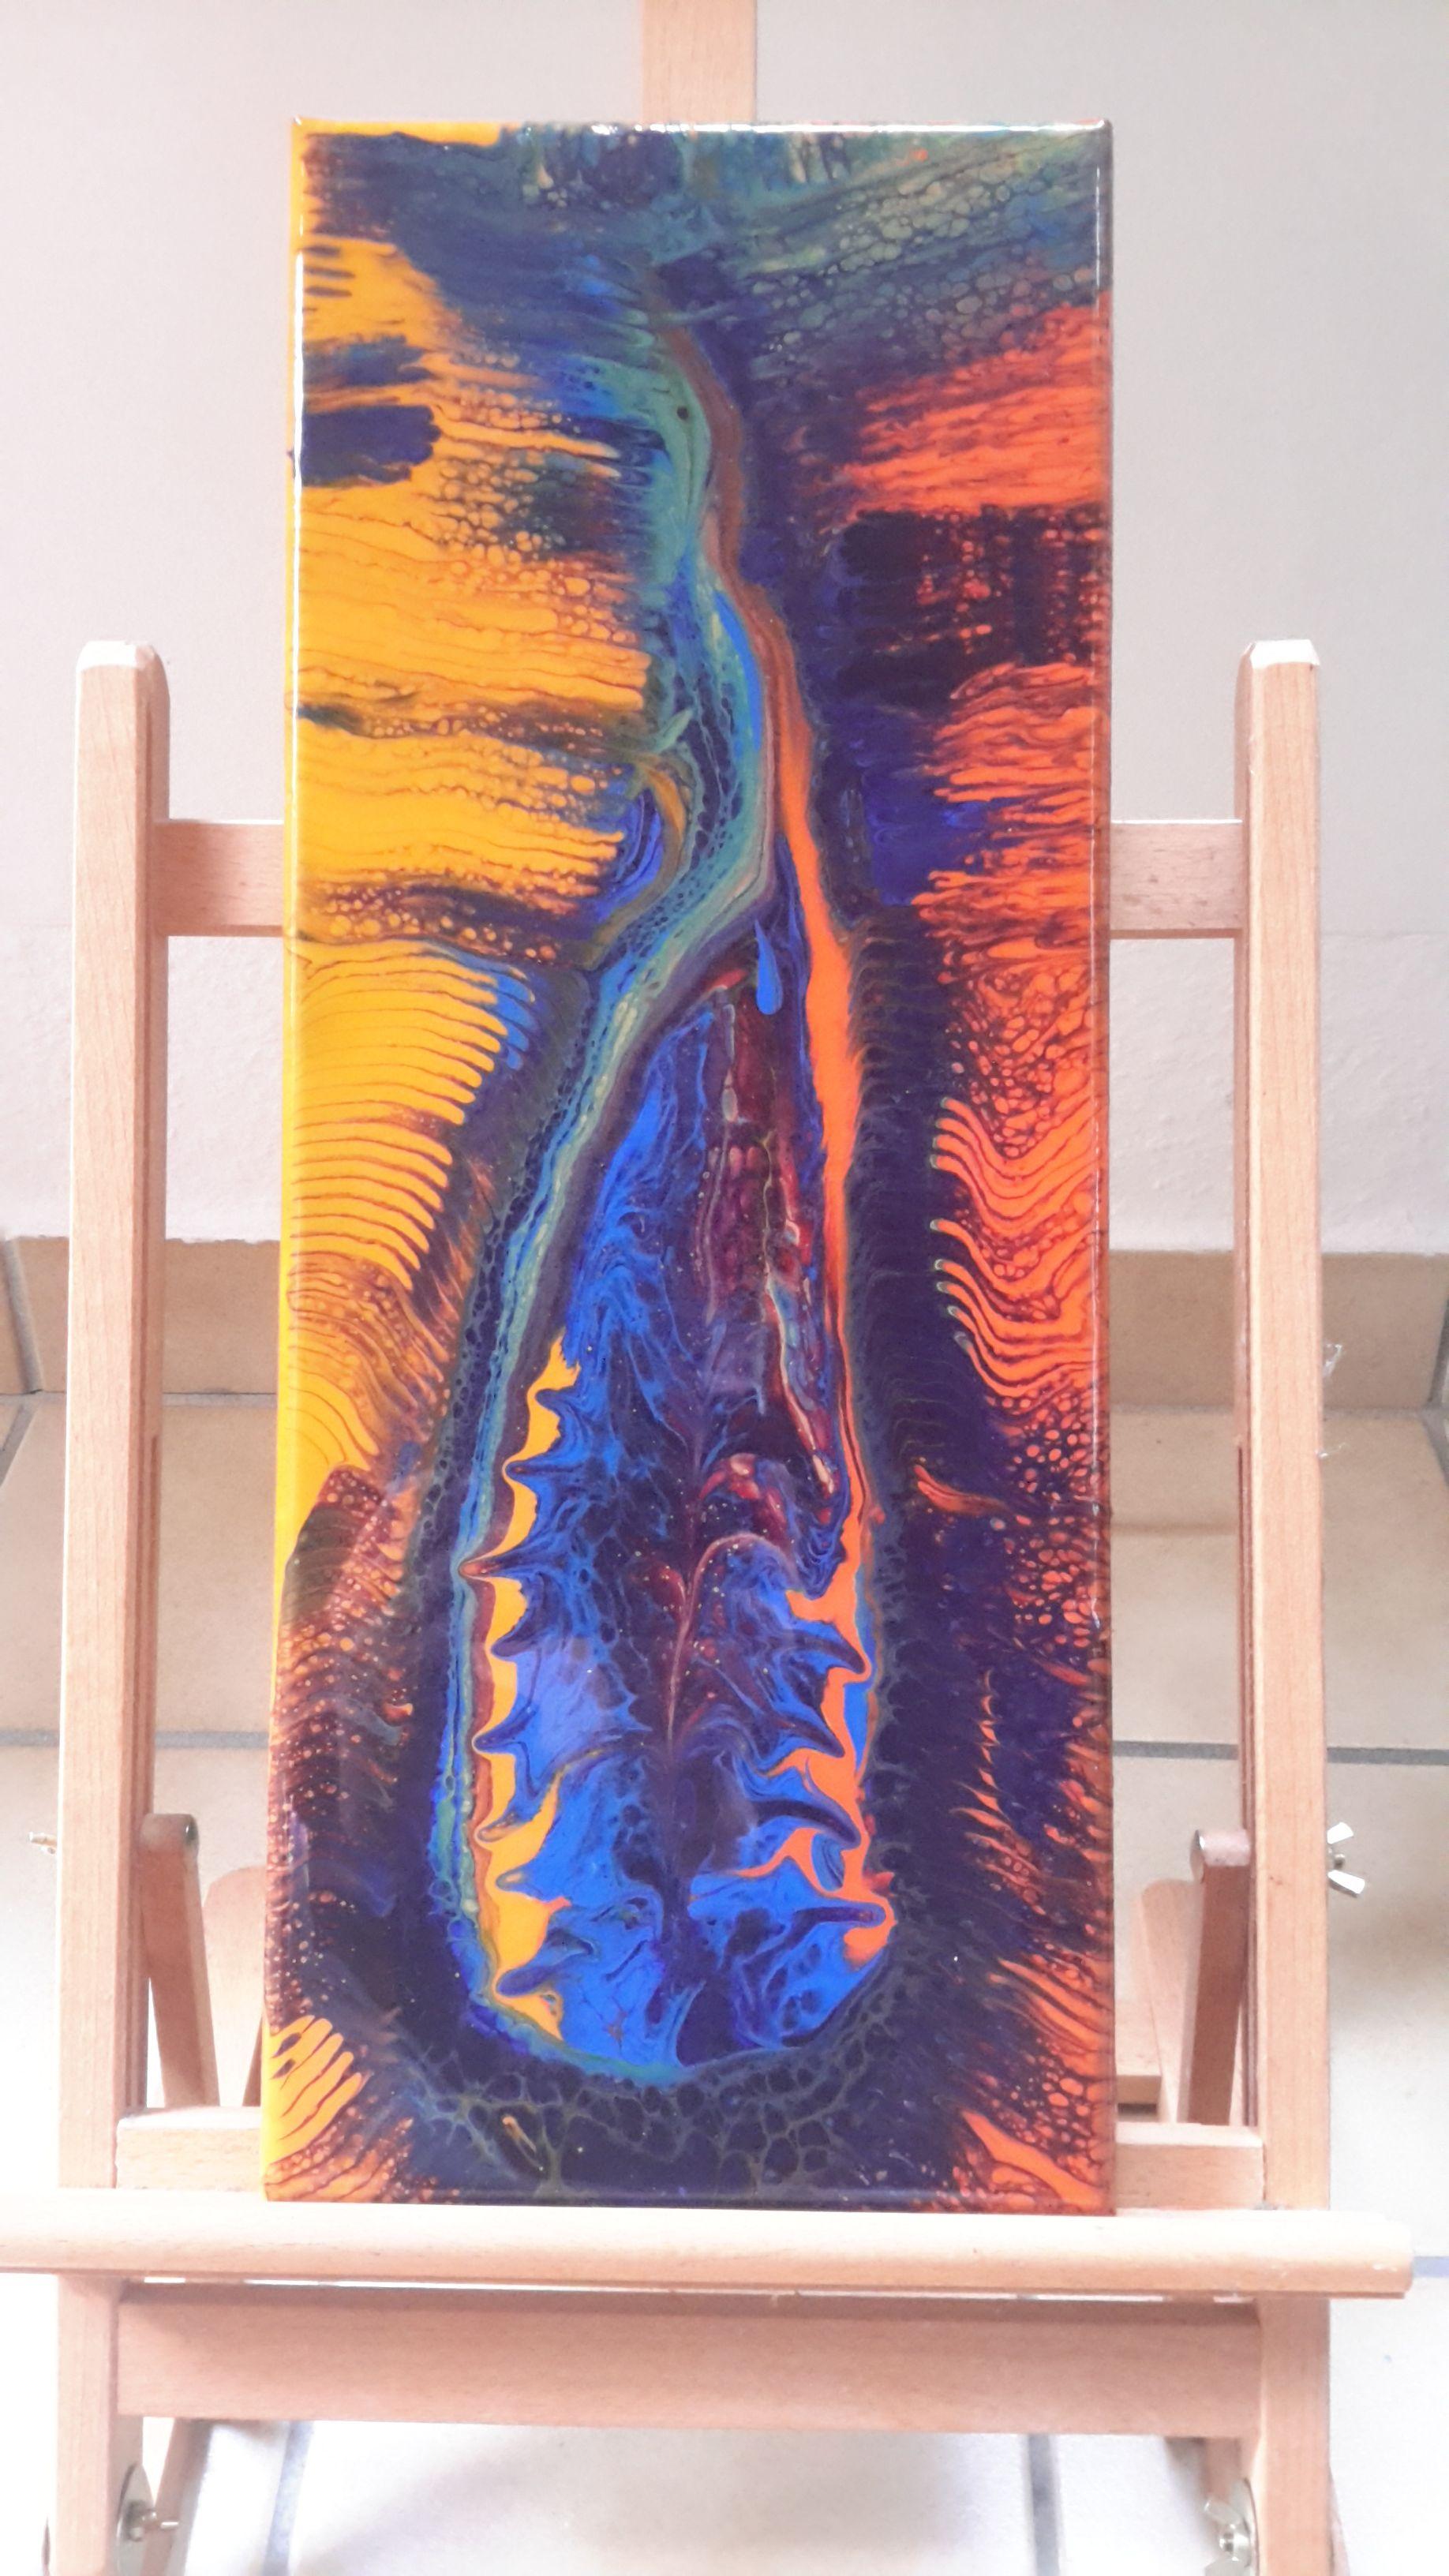 Fluid Painting Mit Epoxidharz Veredelt Ich Verkaufe Meine Bilder Auch